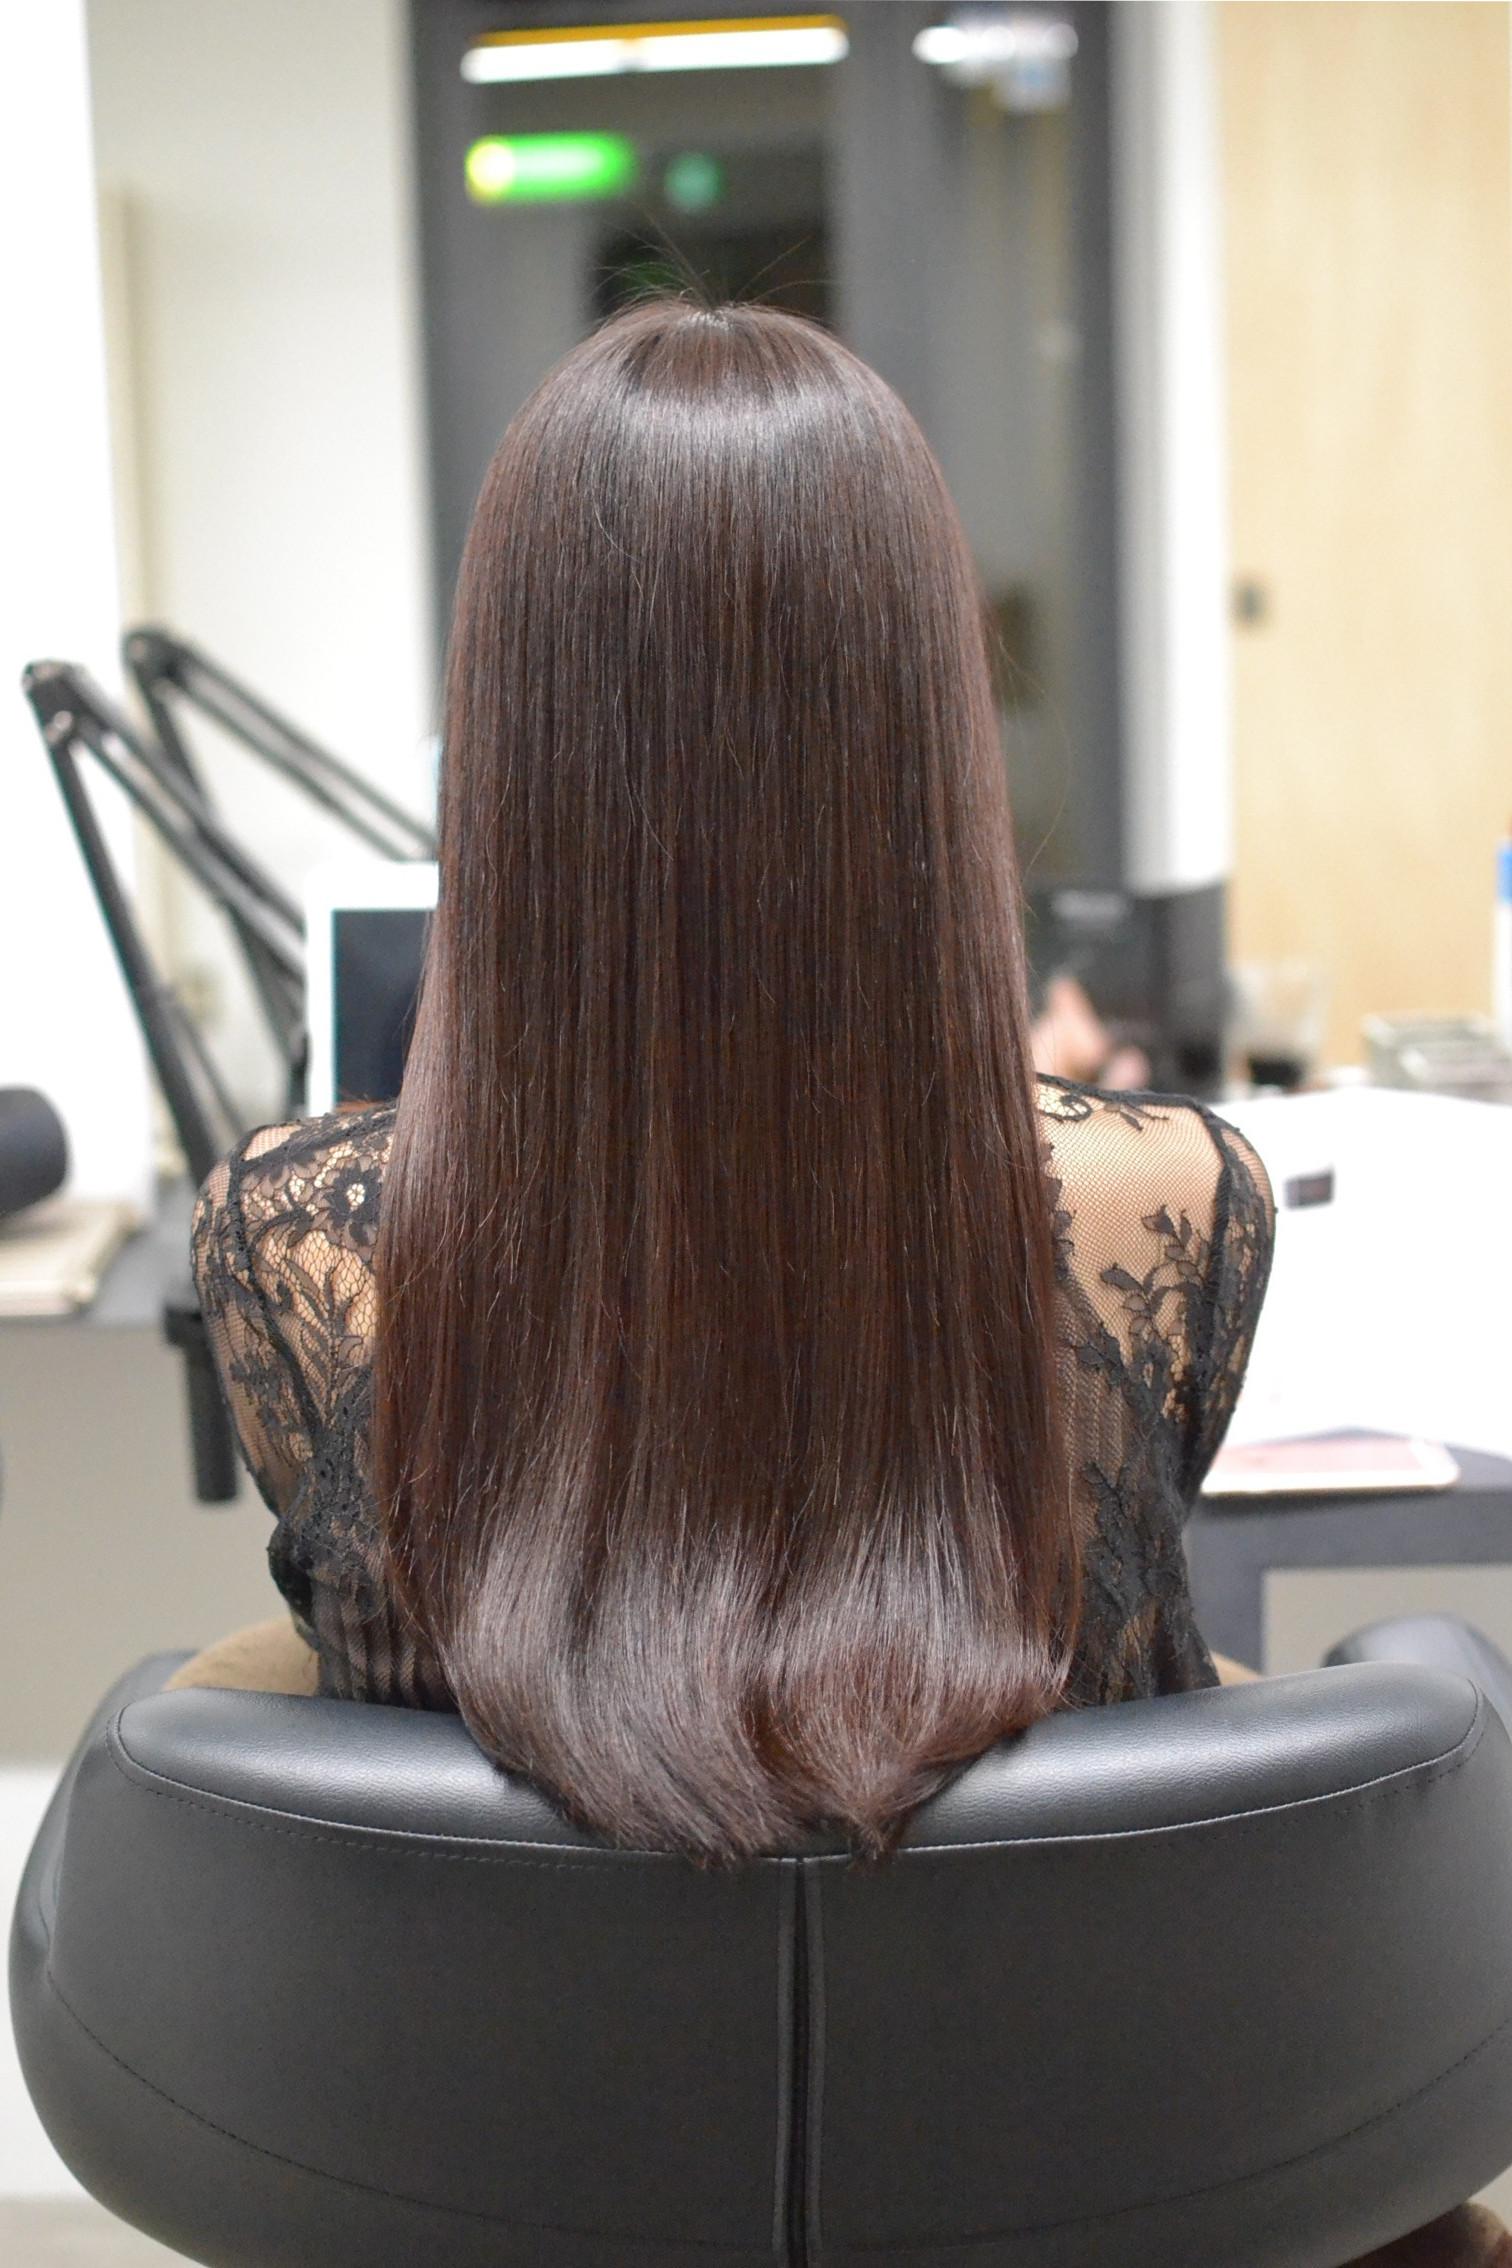 ロングヘア-で縮毛矯正をかけて髪がツヤツヤになった女性